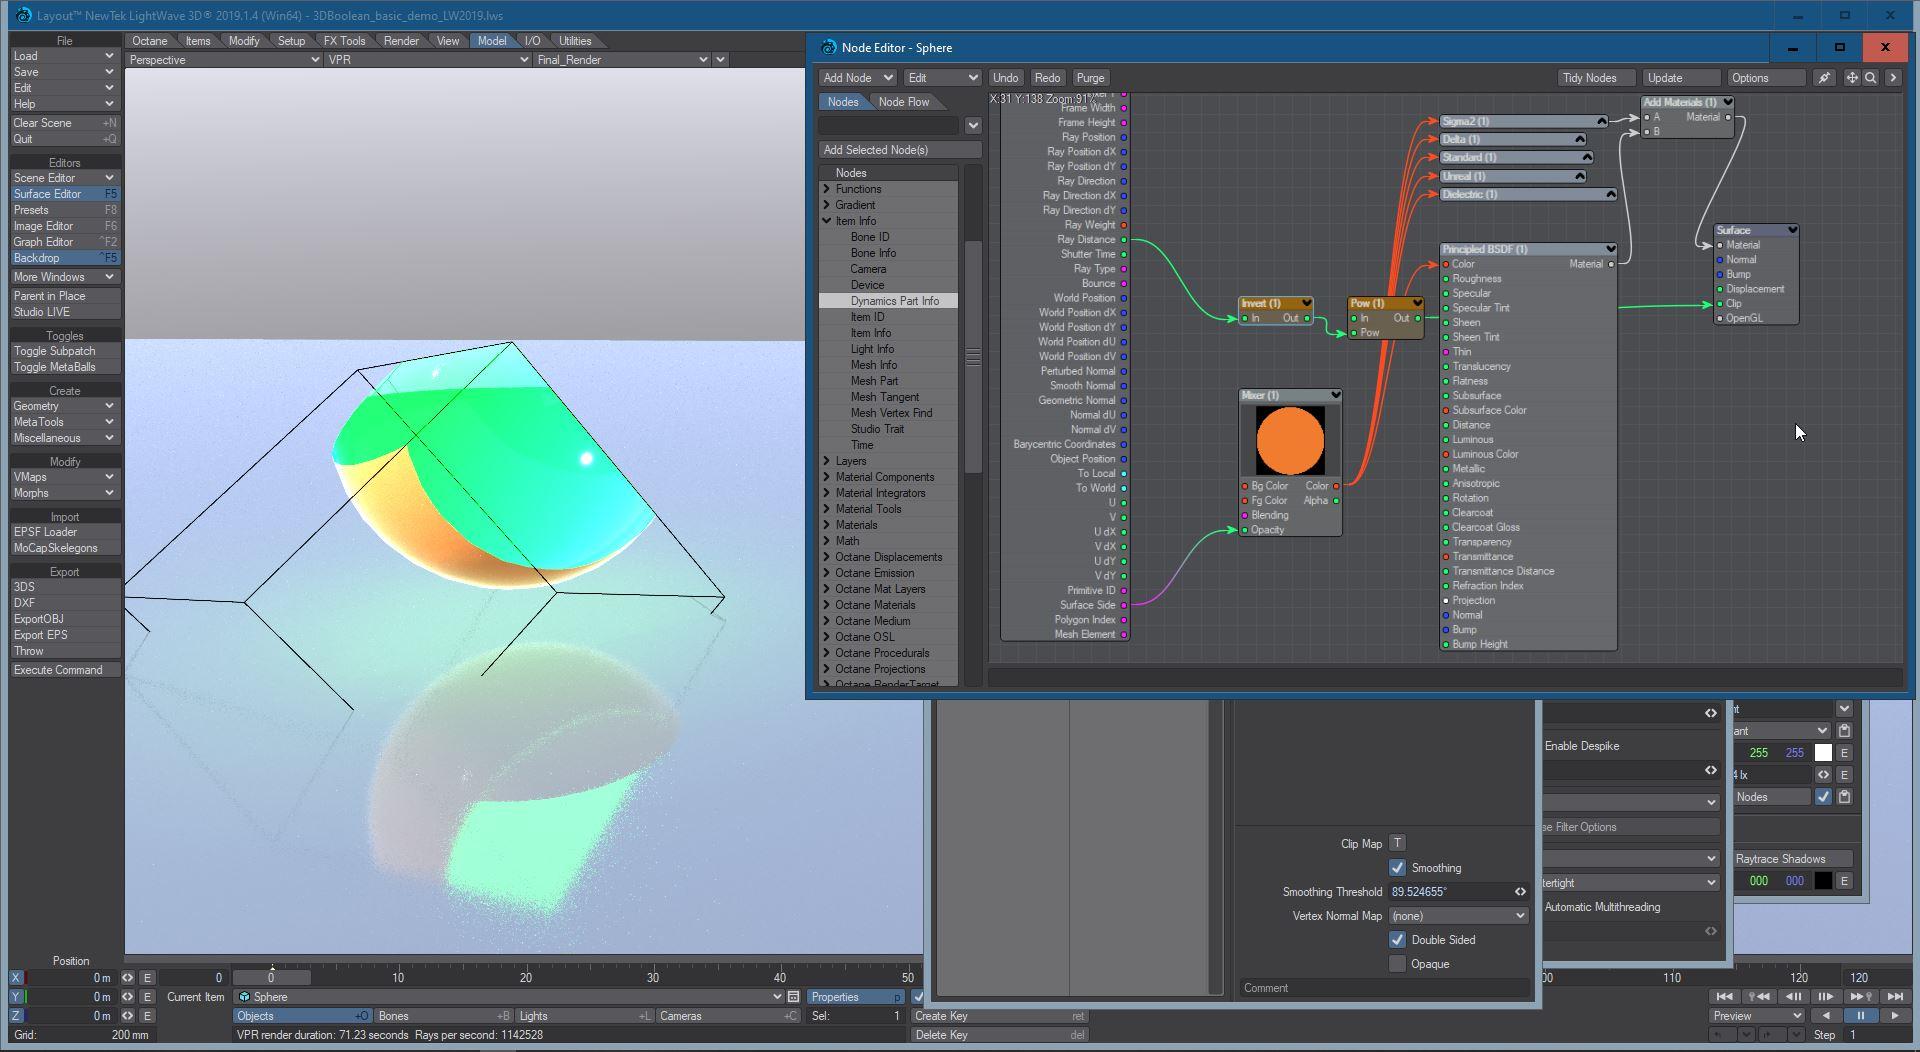 Nome: 2020-02-14 14_24_00-Layout™ NewTek LightWave 3D® 2019.1.4 (Win64) - 3DBoolean_basic_demo_LW2019..jpg Visite: 148 Dimensione: 240.9 KB